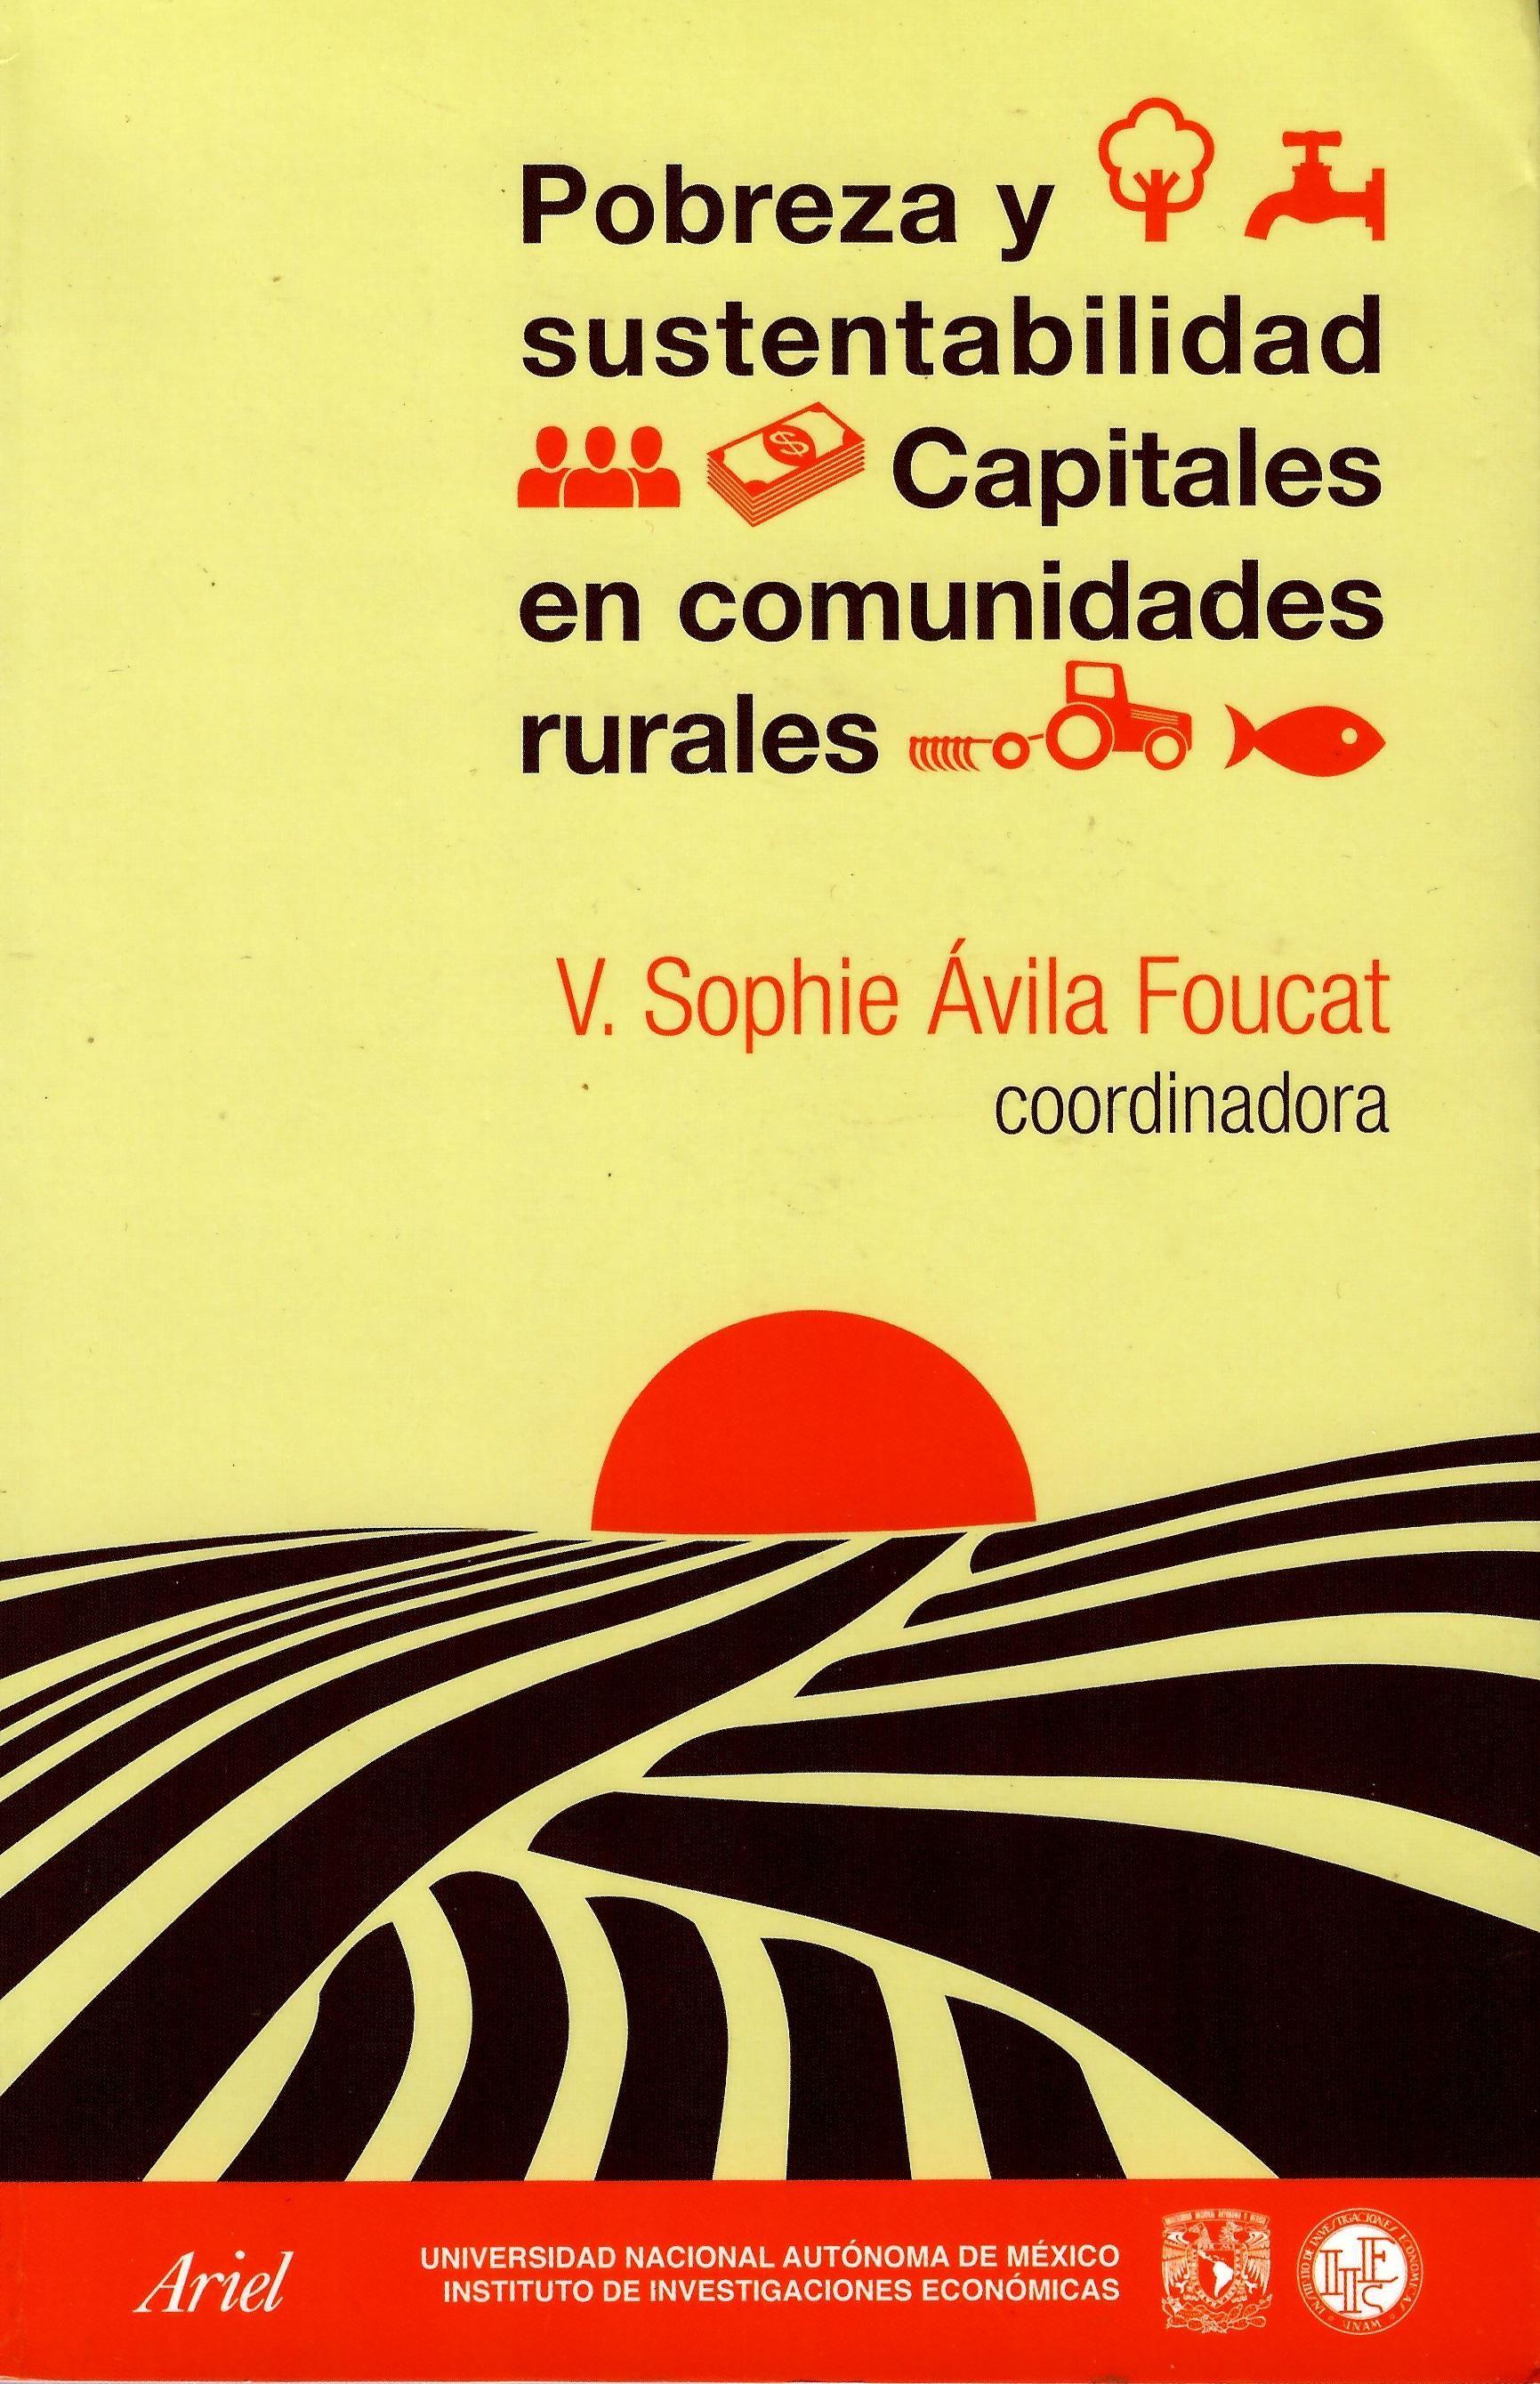 Pobreza y sustentabilidad. Capitales en comunidades rurales